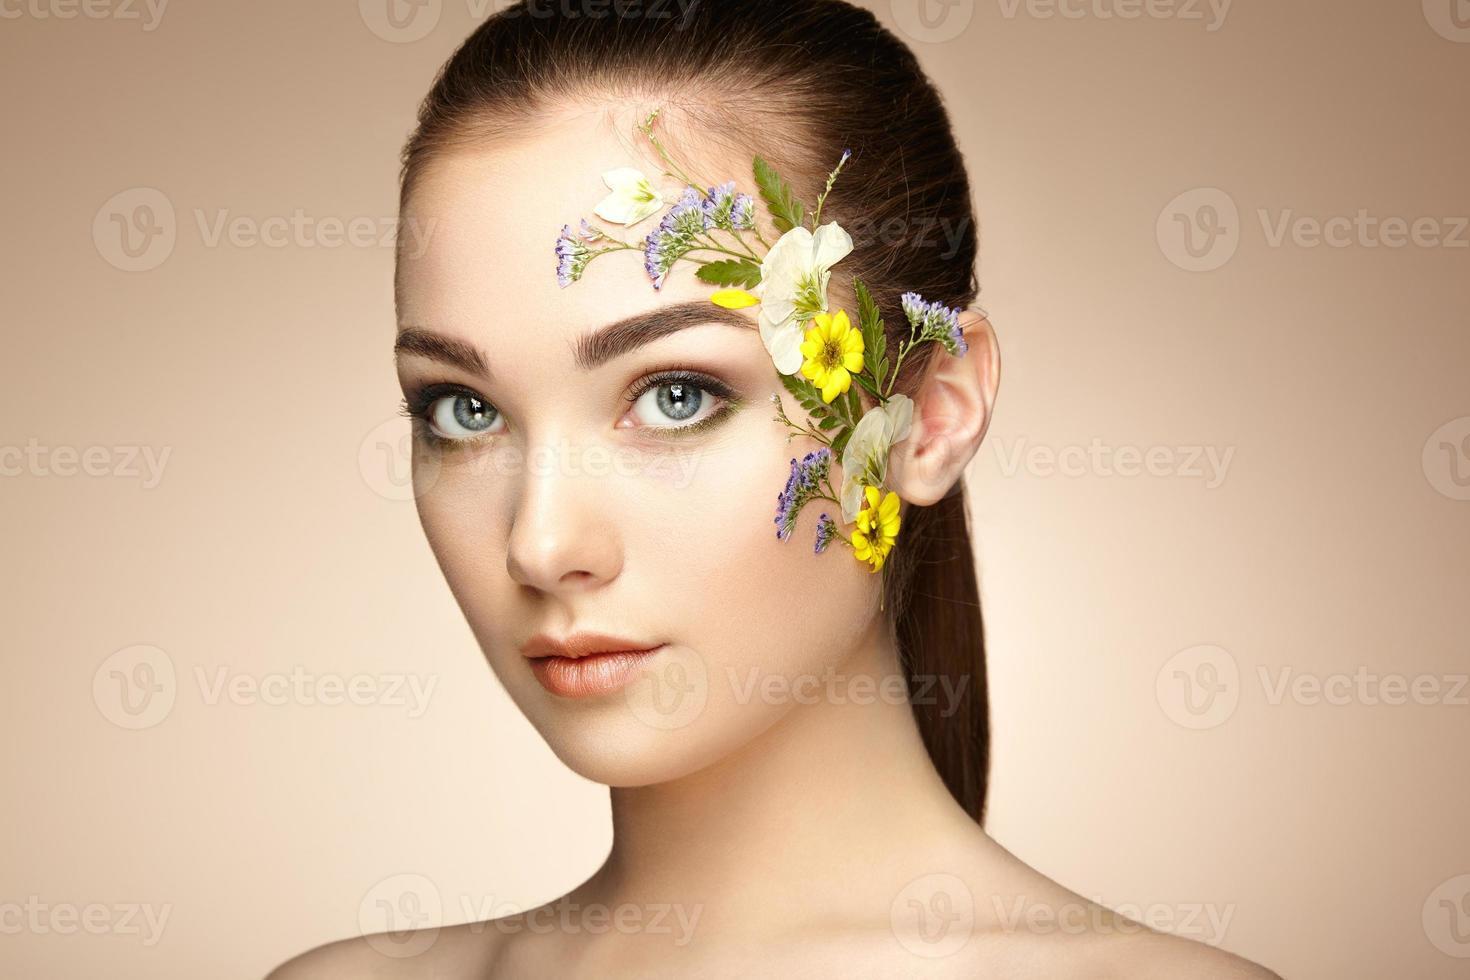 gezicht van mooie vrouw versierd met bloemen foto